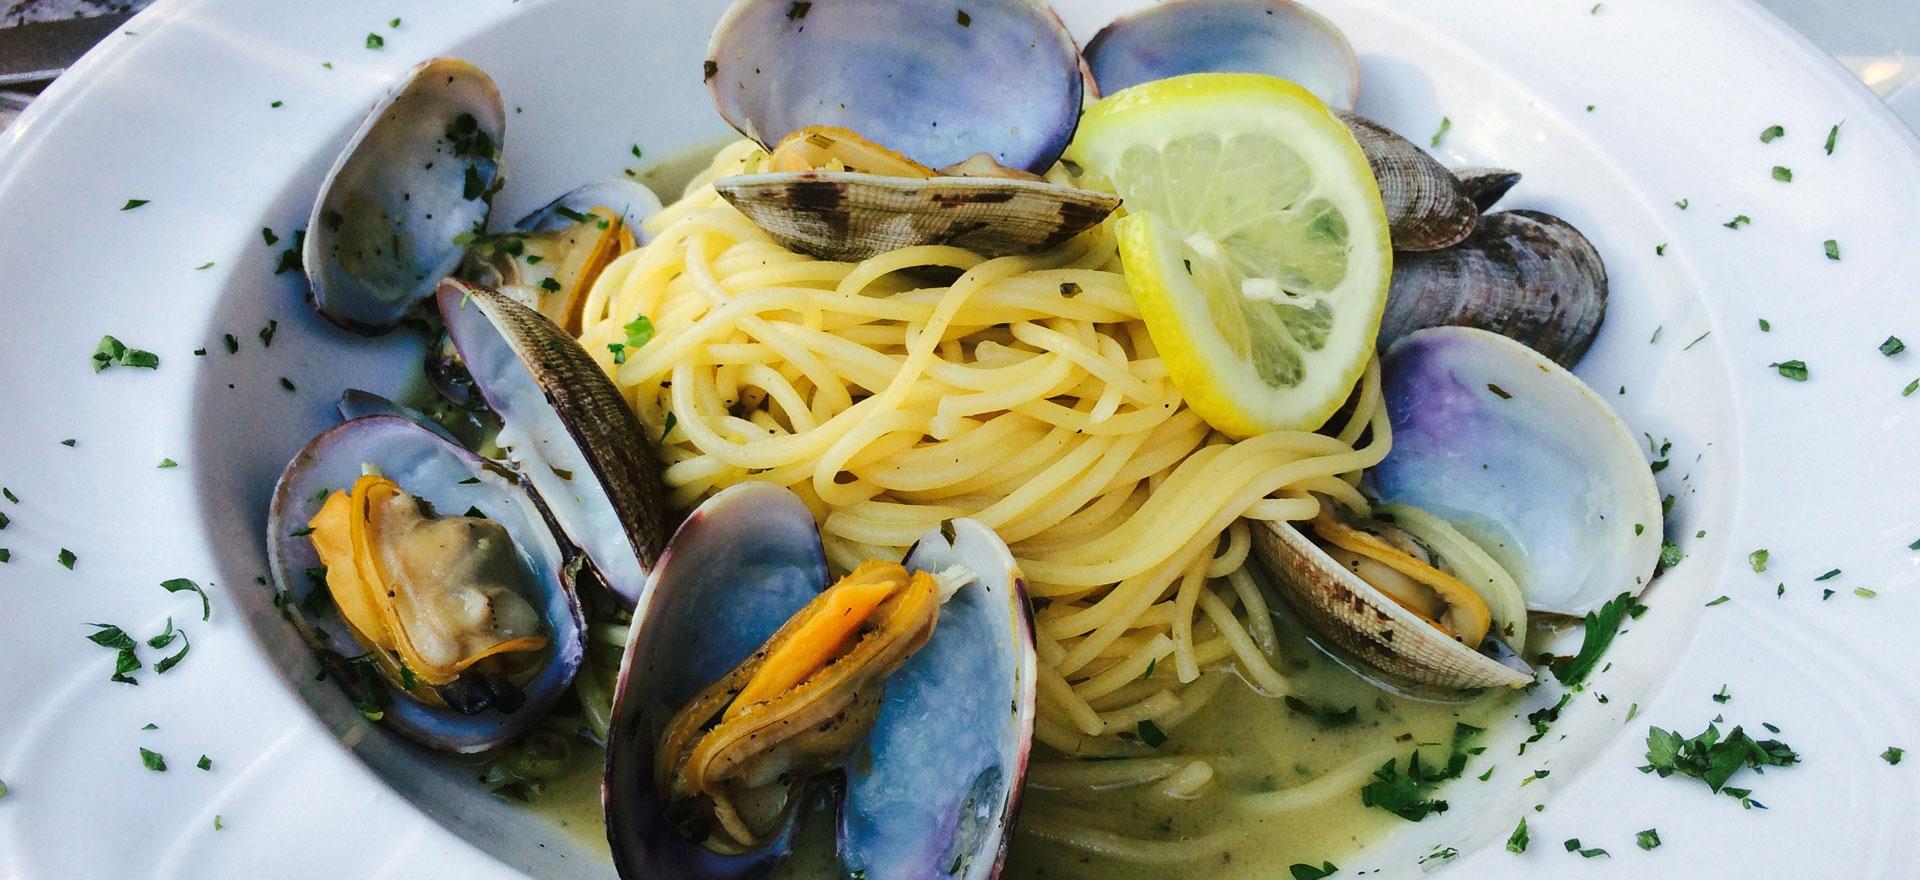 Capri Restaurant Mclean Va Menu